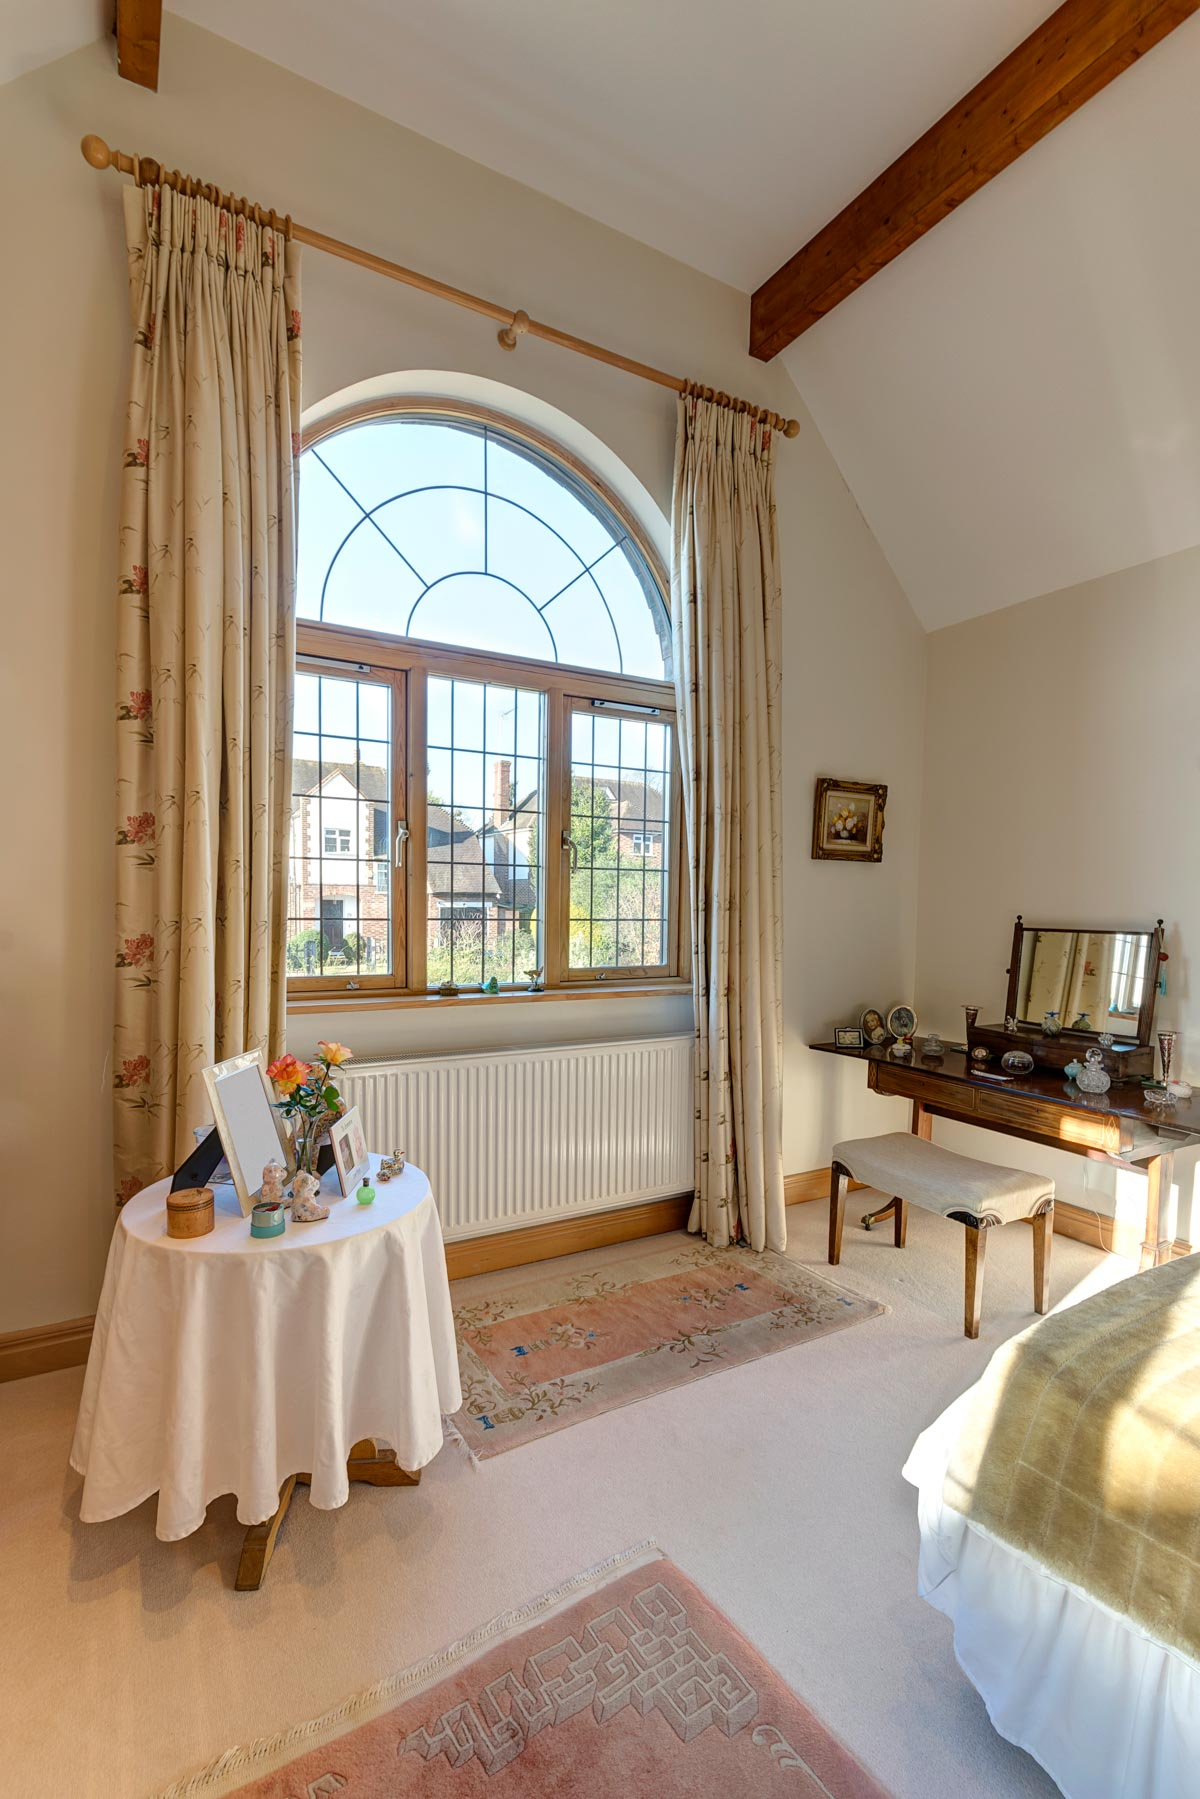 bedroom1_window.jpg